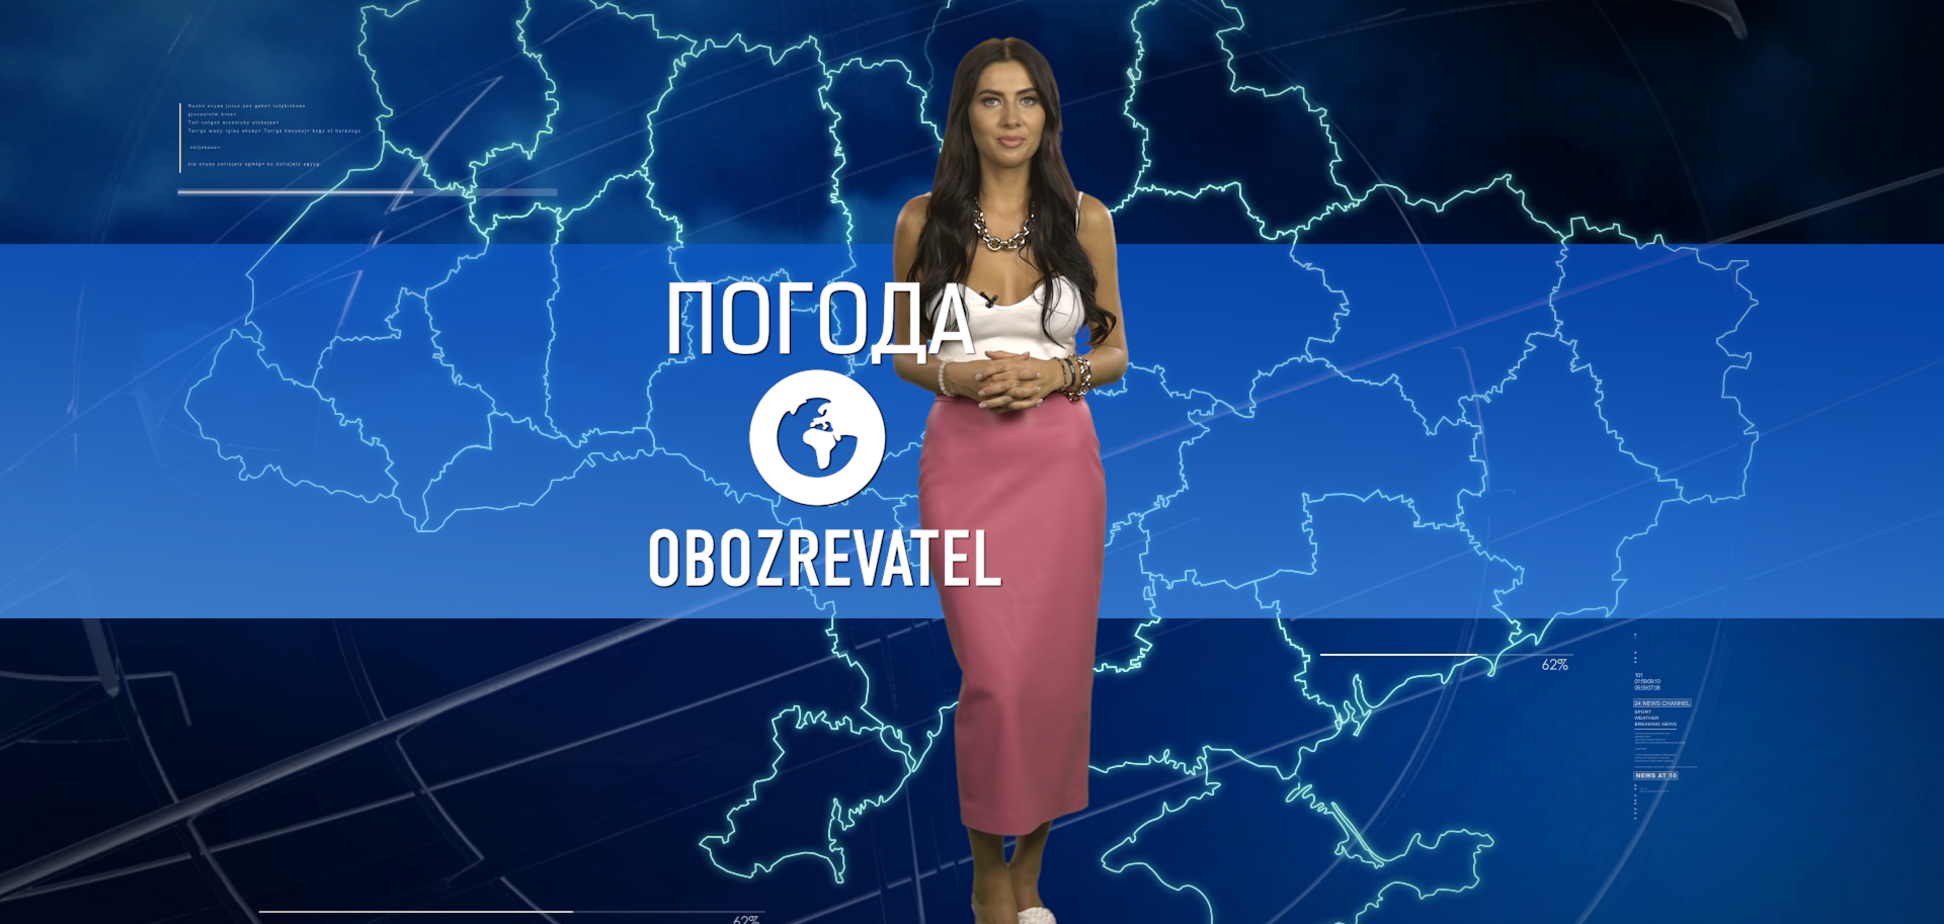 Прогноз погоды в Украине на понедельник 14 июня с Алисой Мярковской